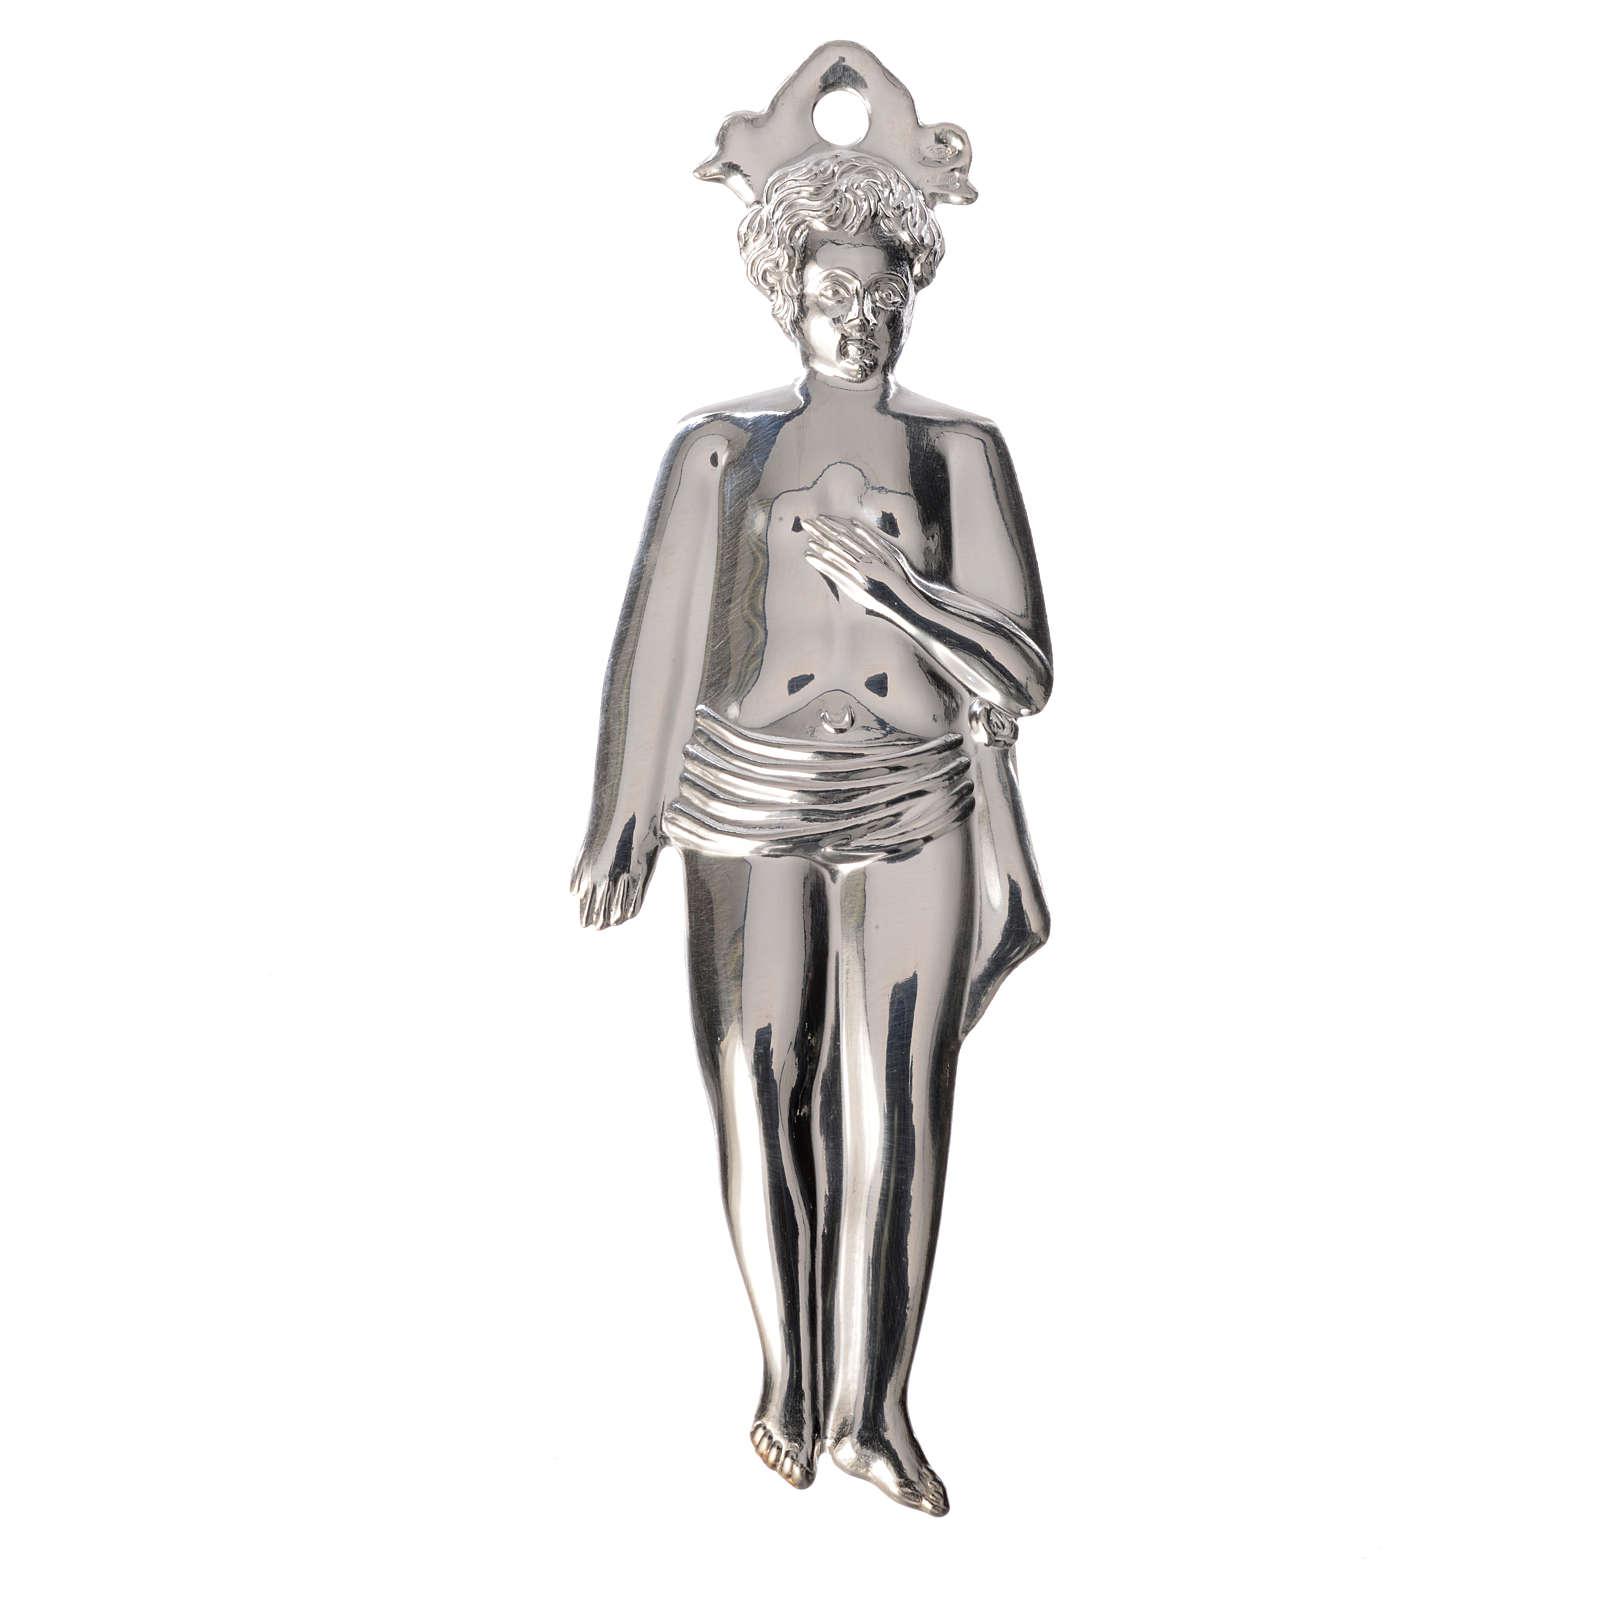 Ex-voto niño plata 925 o metal 12.5 cm. 3